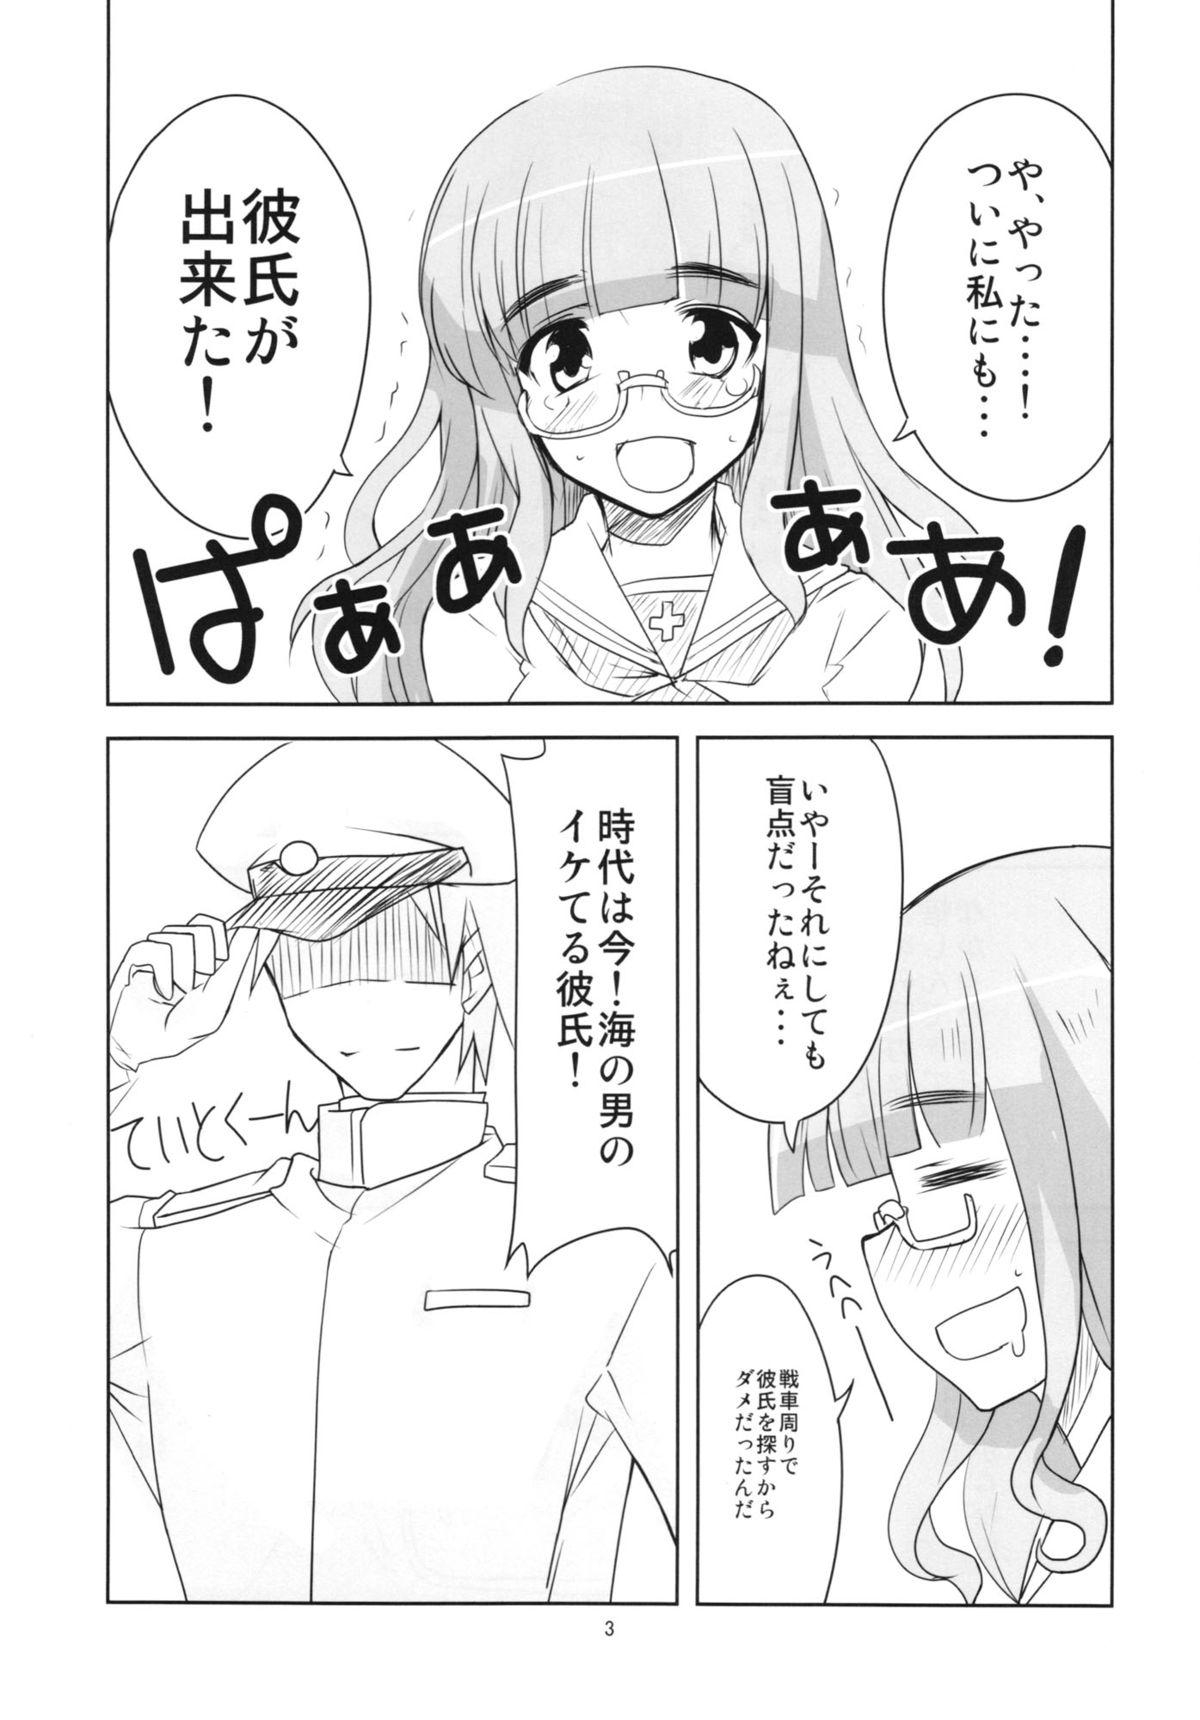 Yoru no Nishizumi ryuu 4